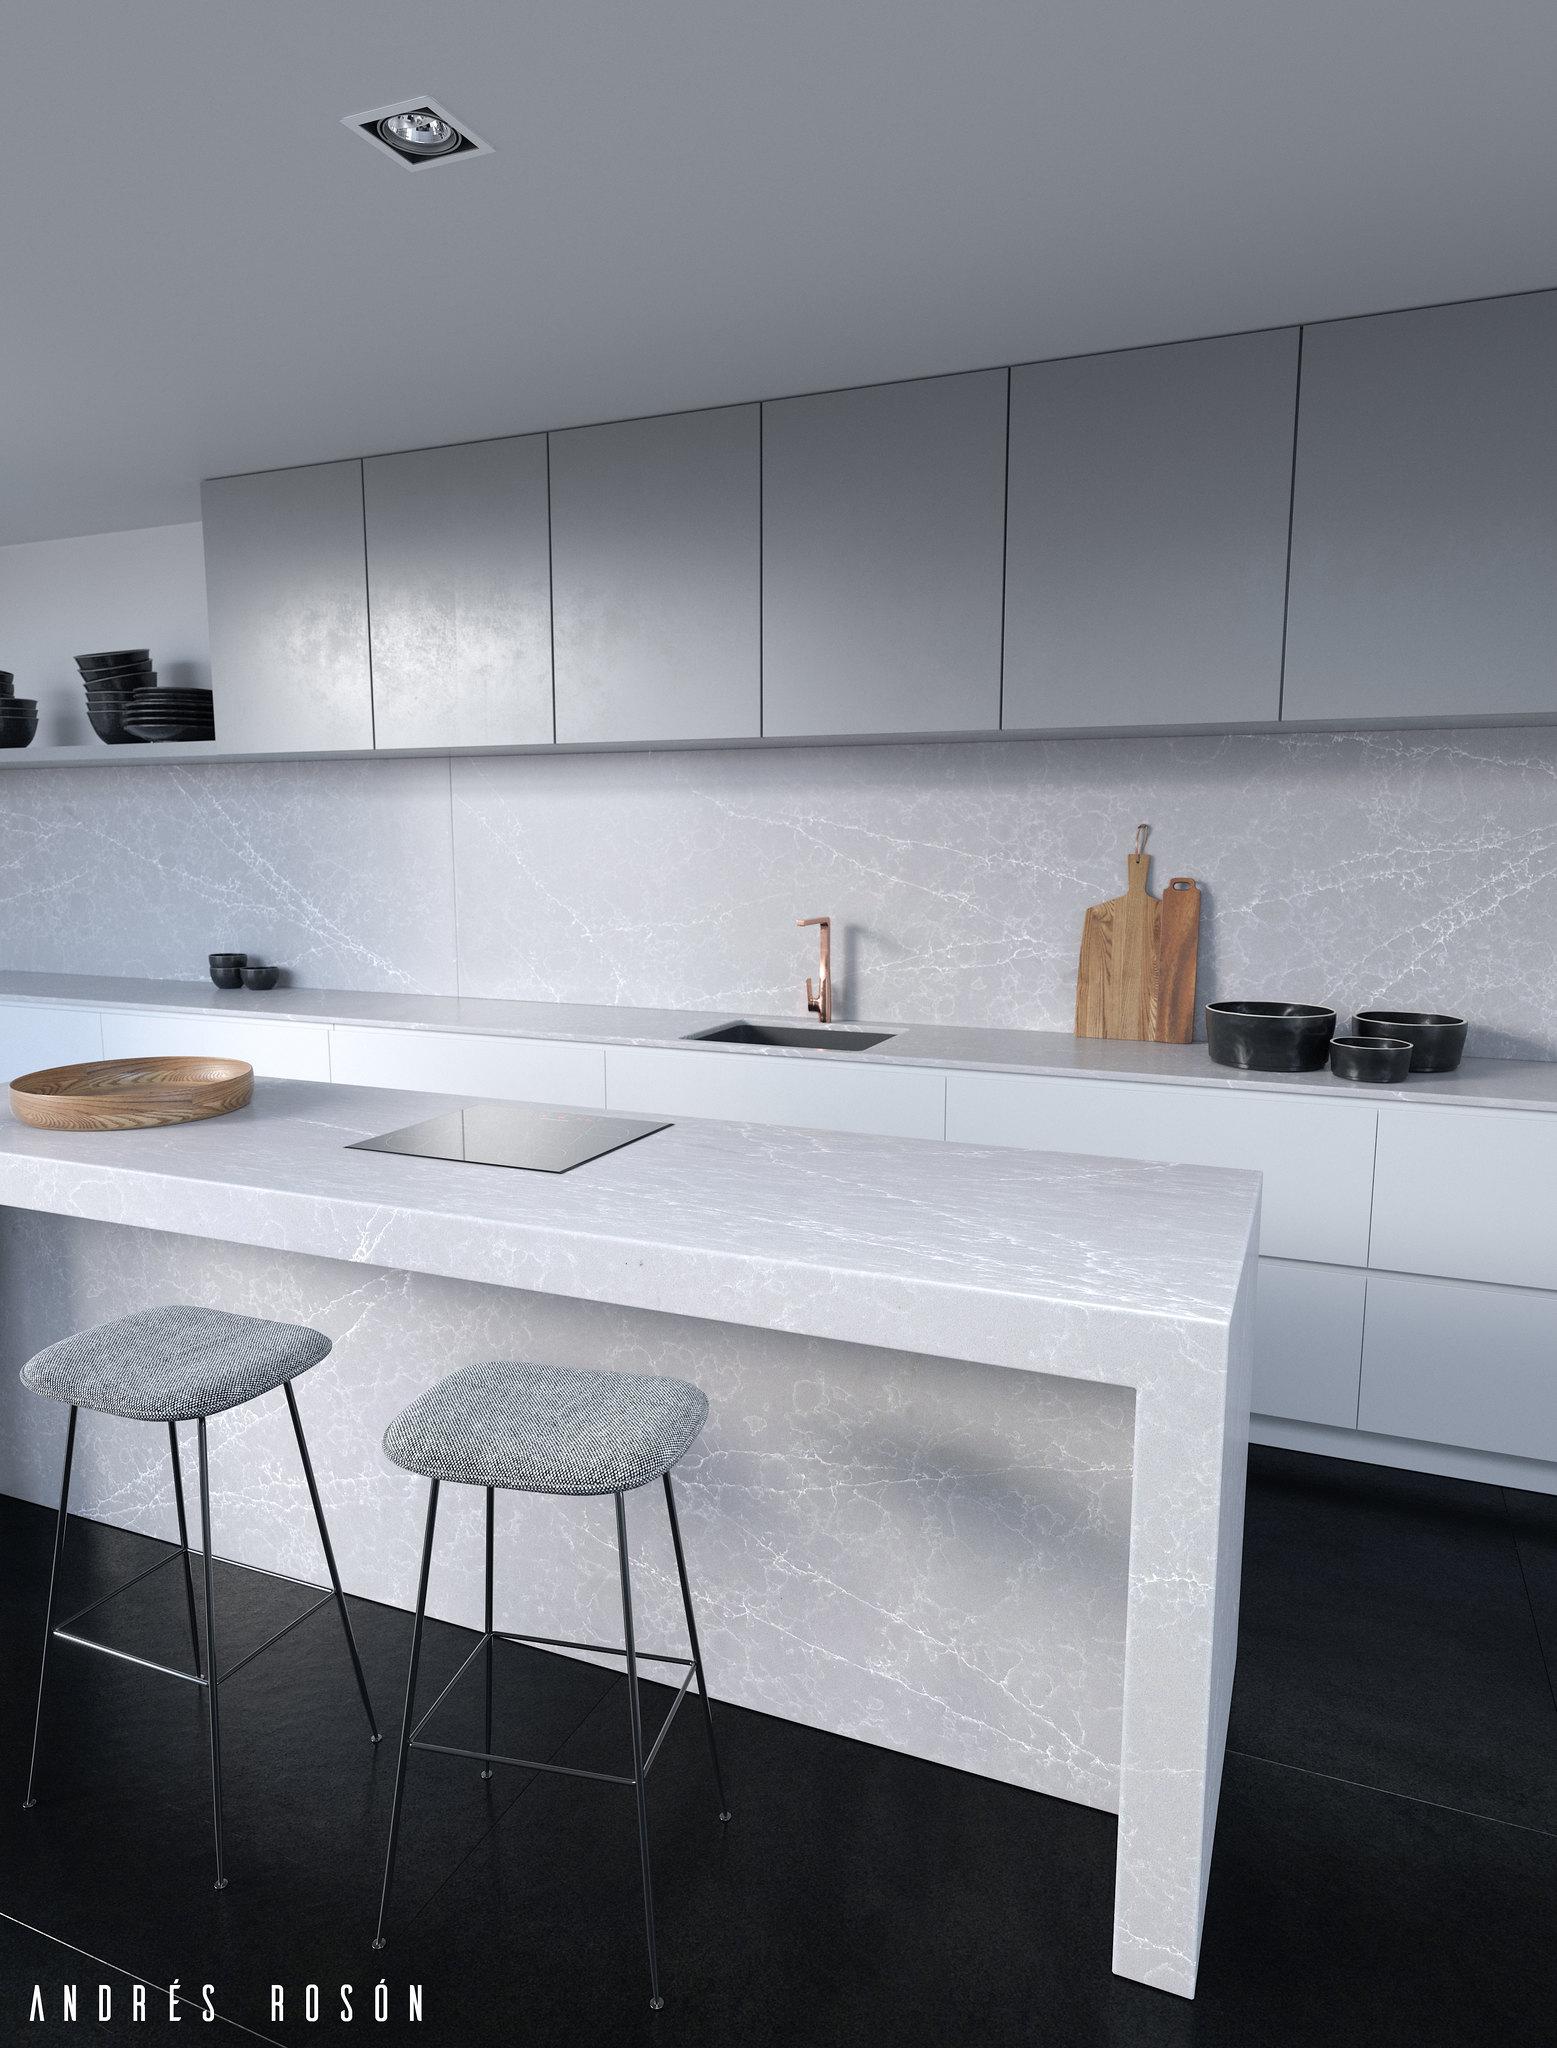 Laugar kitchen